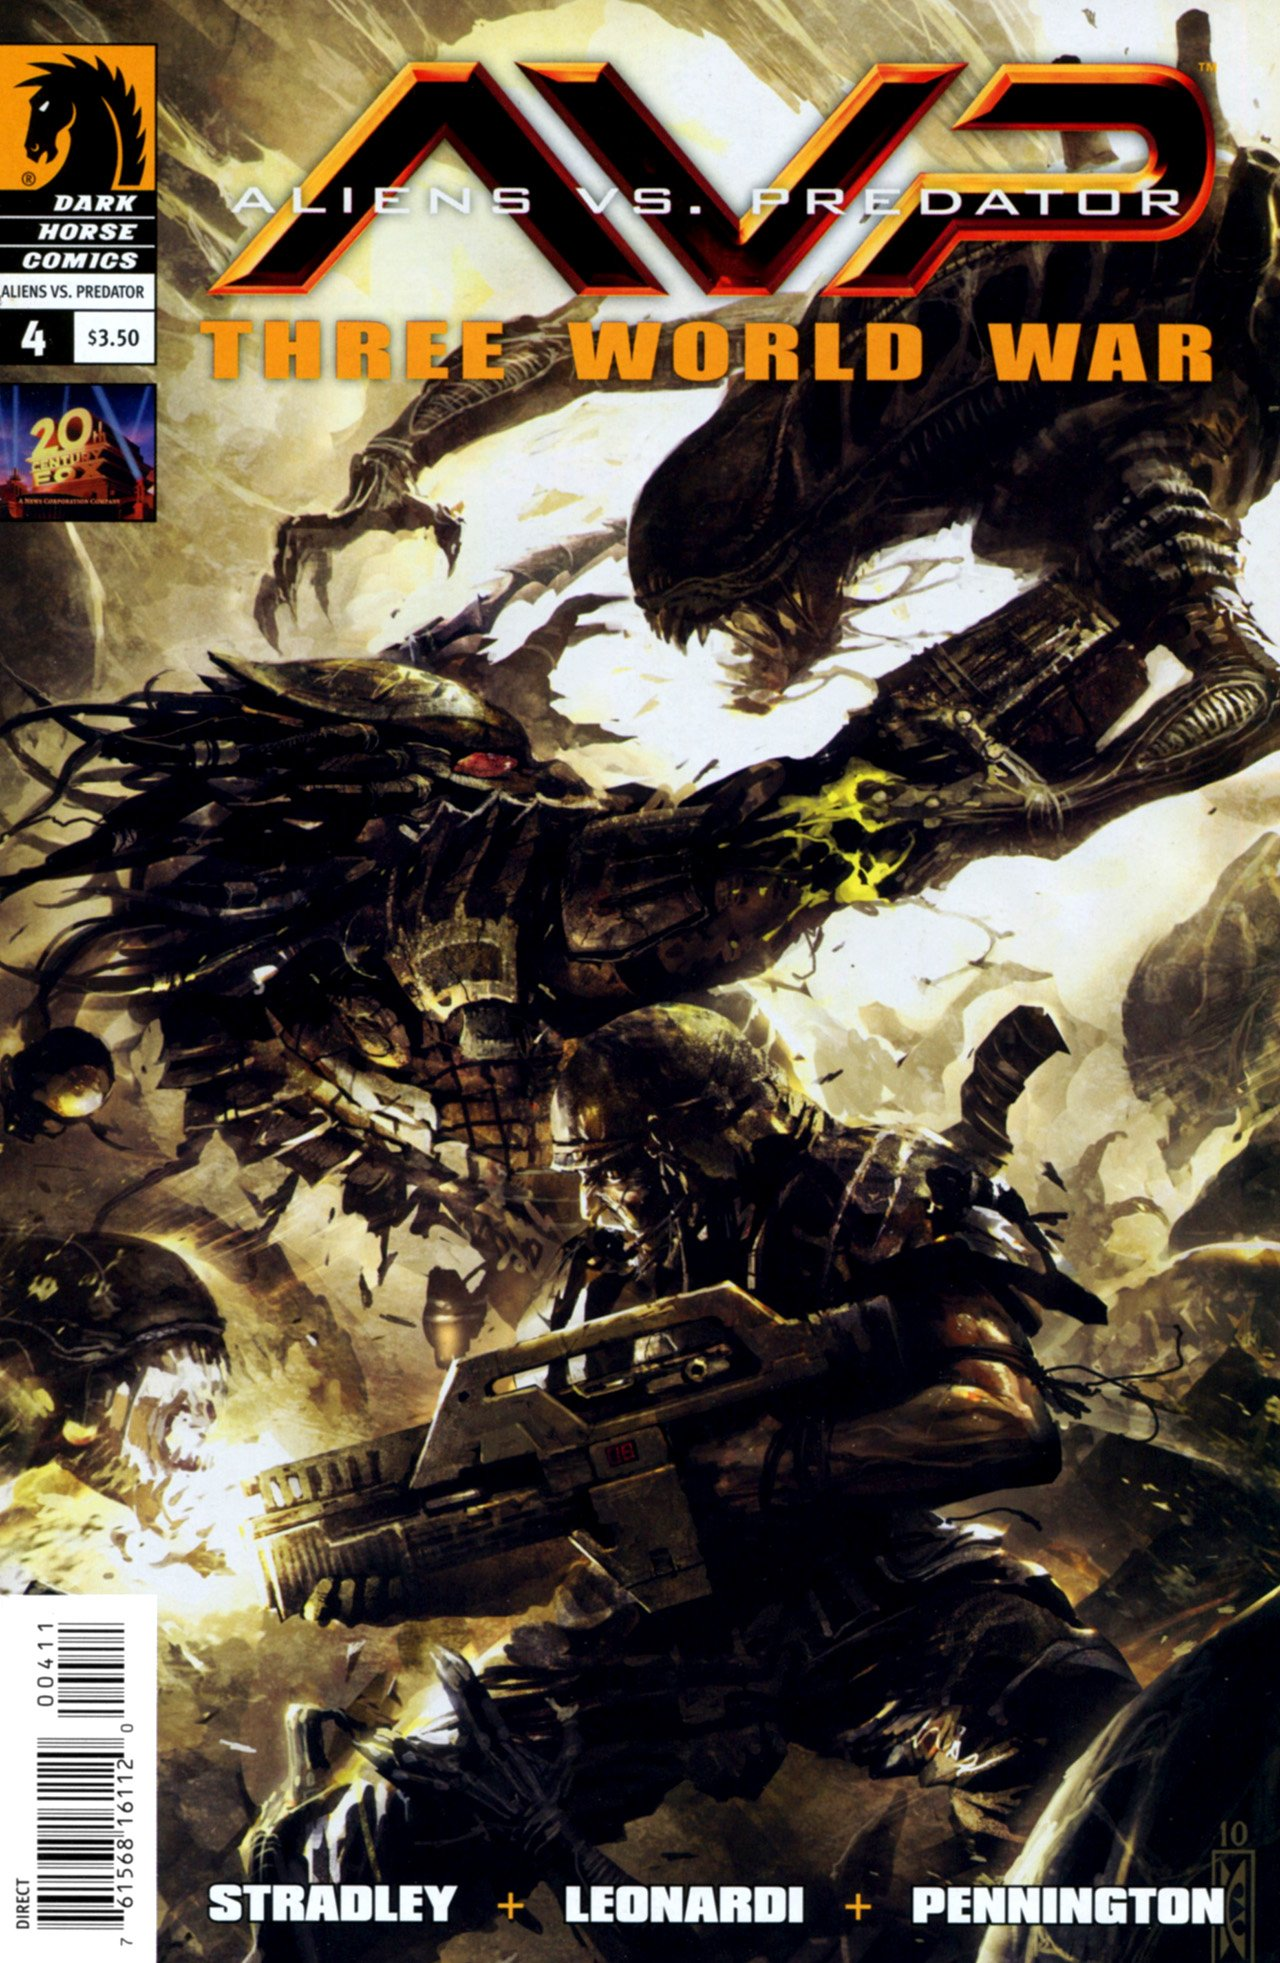 Aliens_vs_Predators_Three_World_War_Vol_1_4